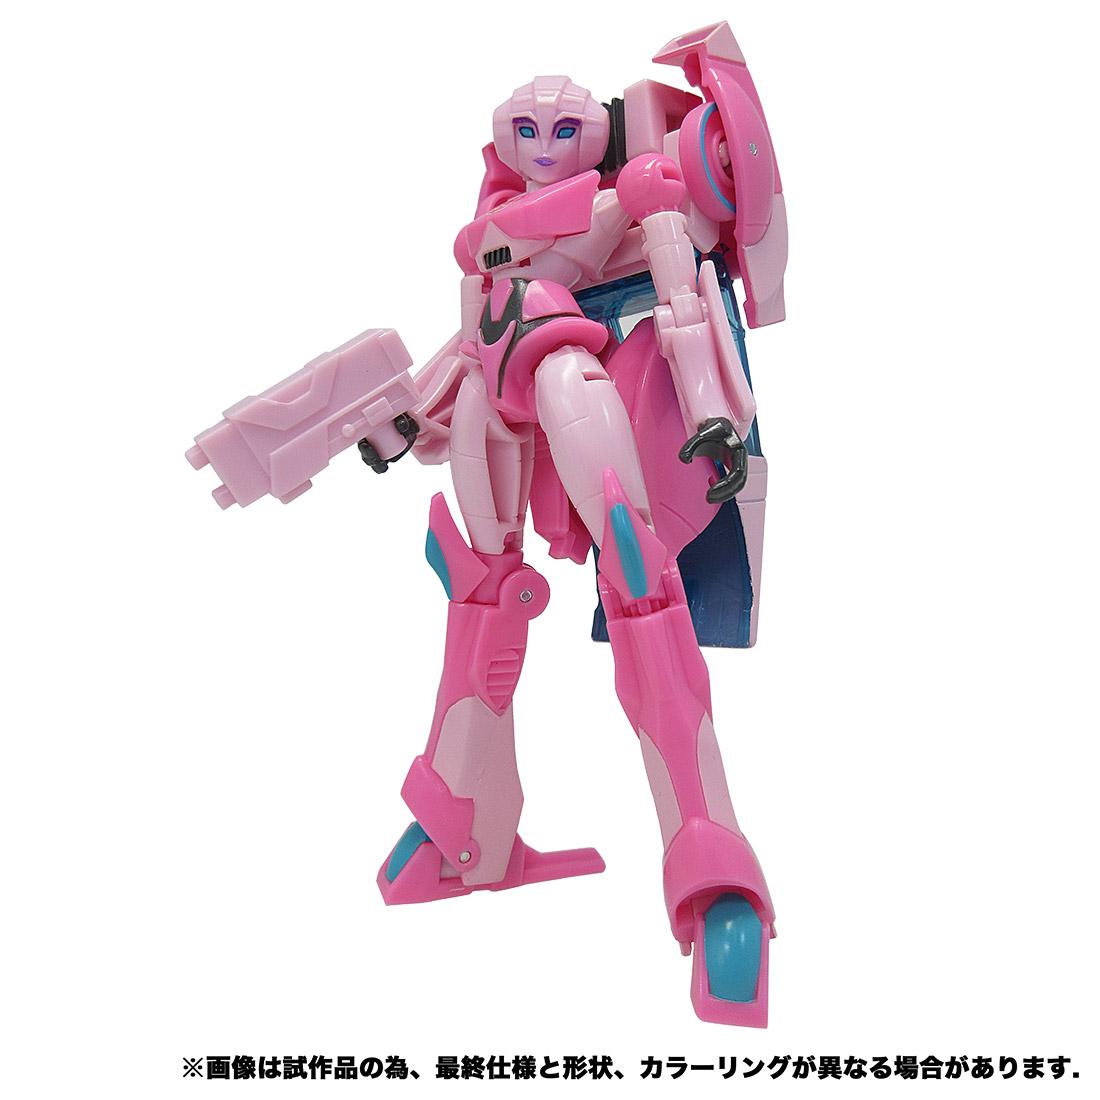 【限定販売】サイバーバース アクションマスター07『アーシー』トランスフォーマー 可変可動フィギュア-001